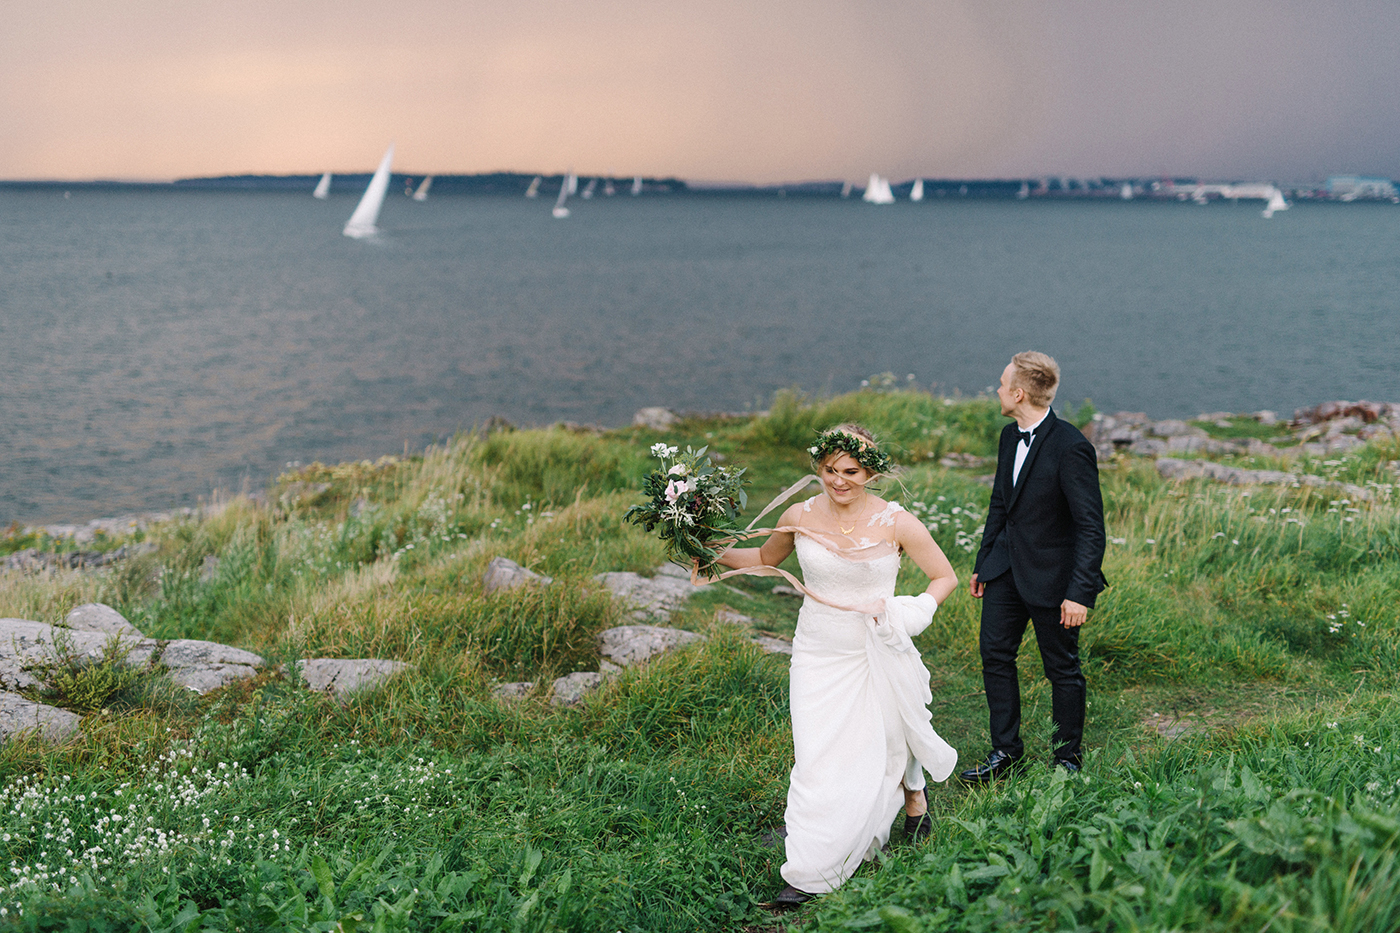 Indie Glam Wedding Tenalji von Fersen Suomenlinna (120).jpg